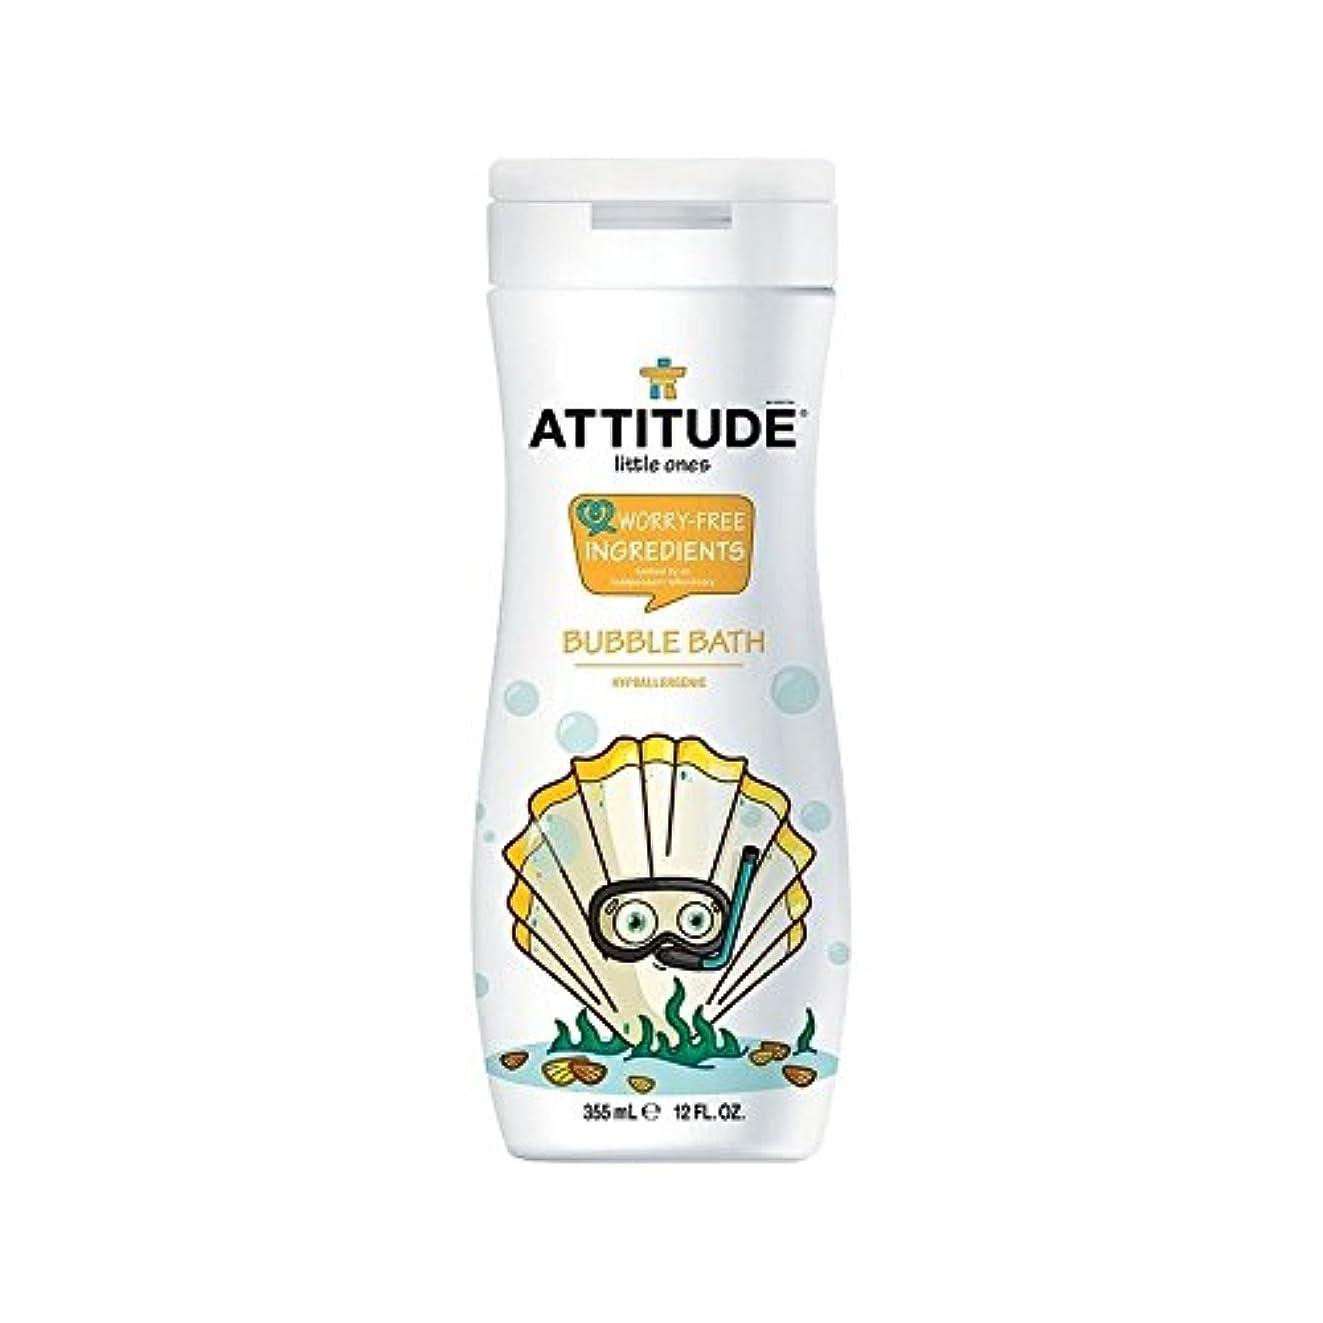 羊の服を着た狼期間九時四十五分エコキッズ低刺激性の泡風呂の355ミリリットル (Attitude) (x 4) - Attitude Eco Kids Hypoallergenic Bubble Bath 355ml (Pack of 4) [並行輸入品]